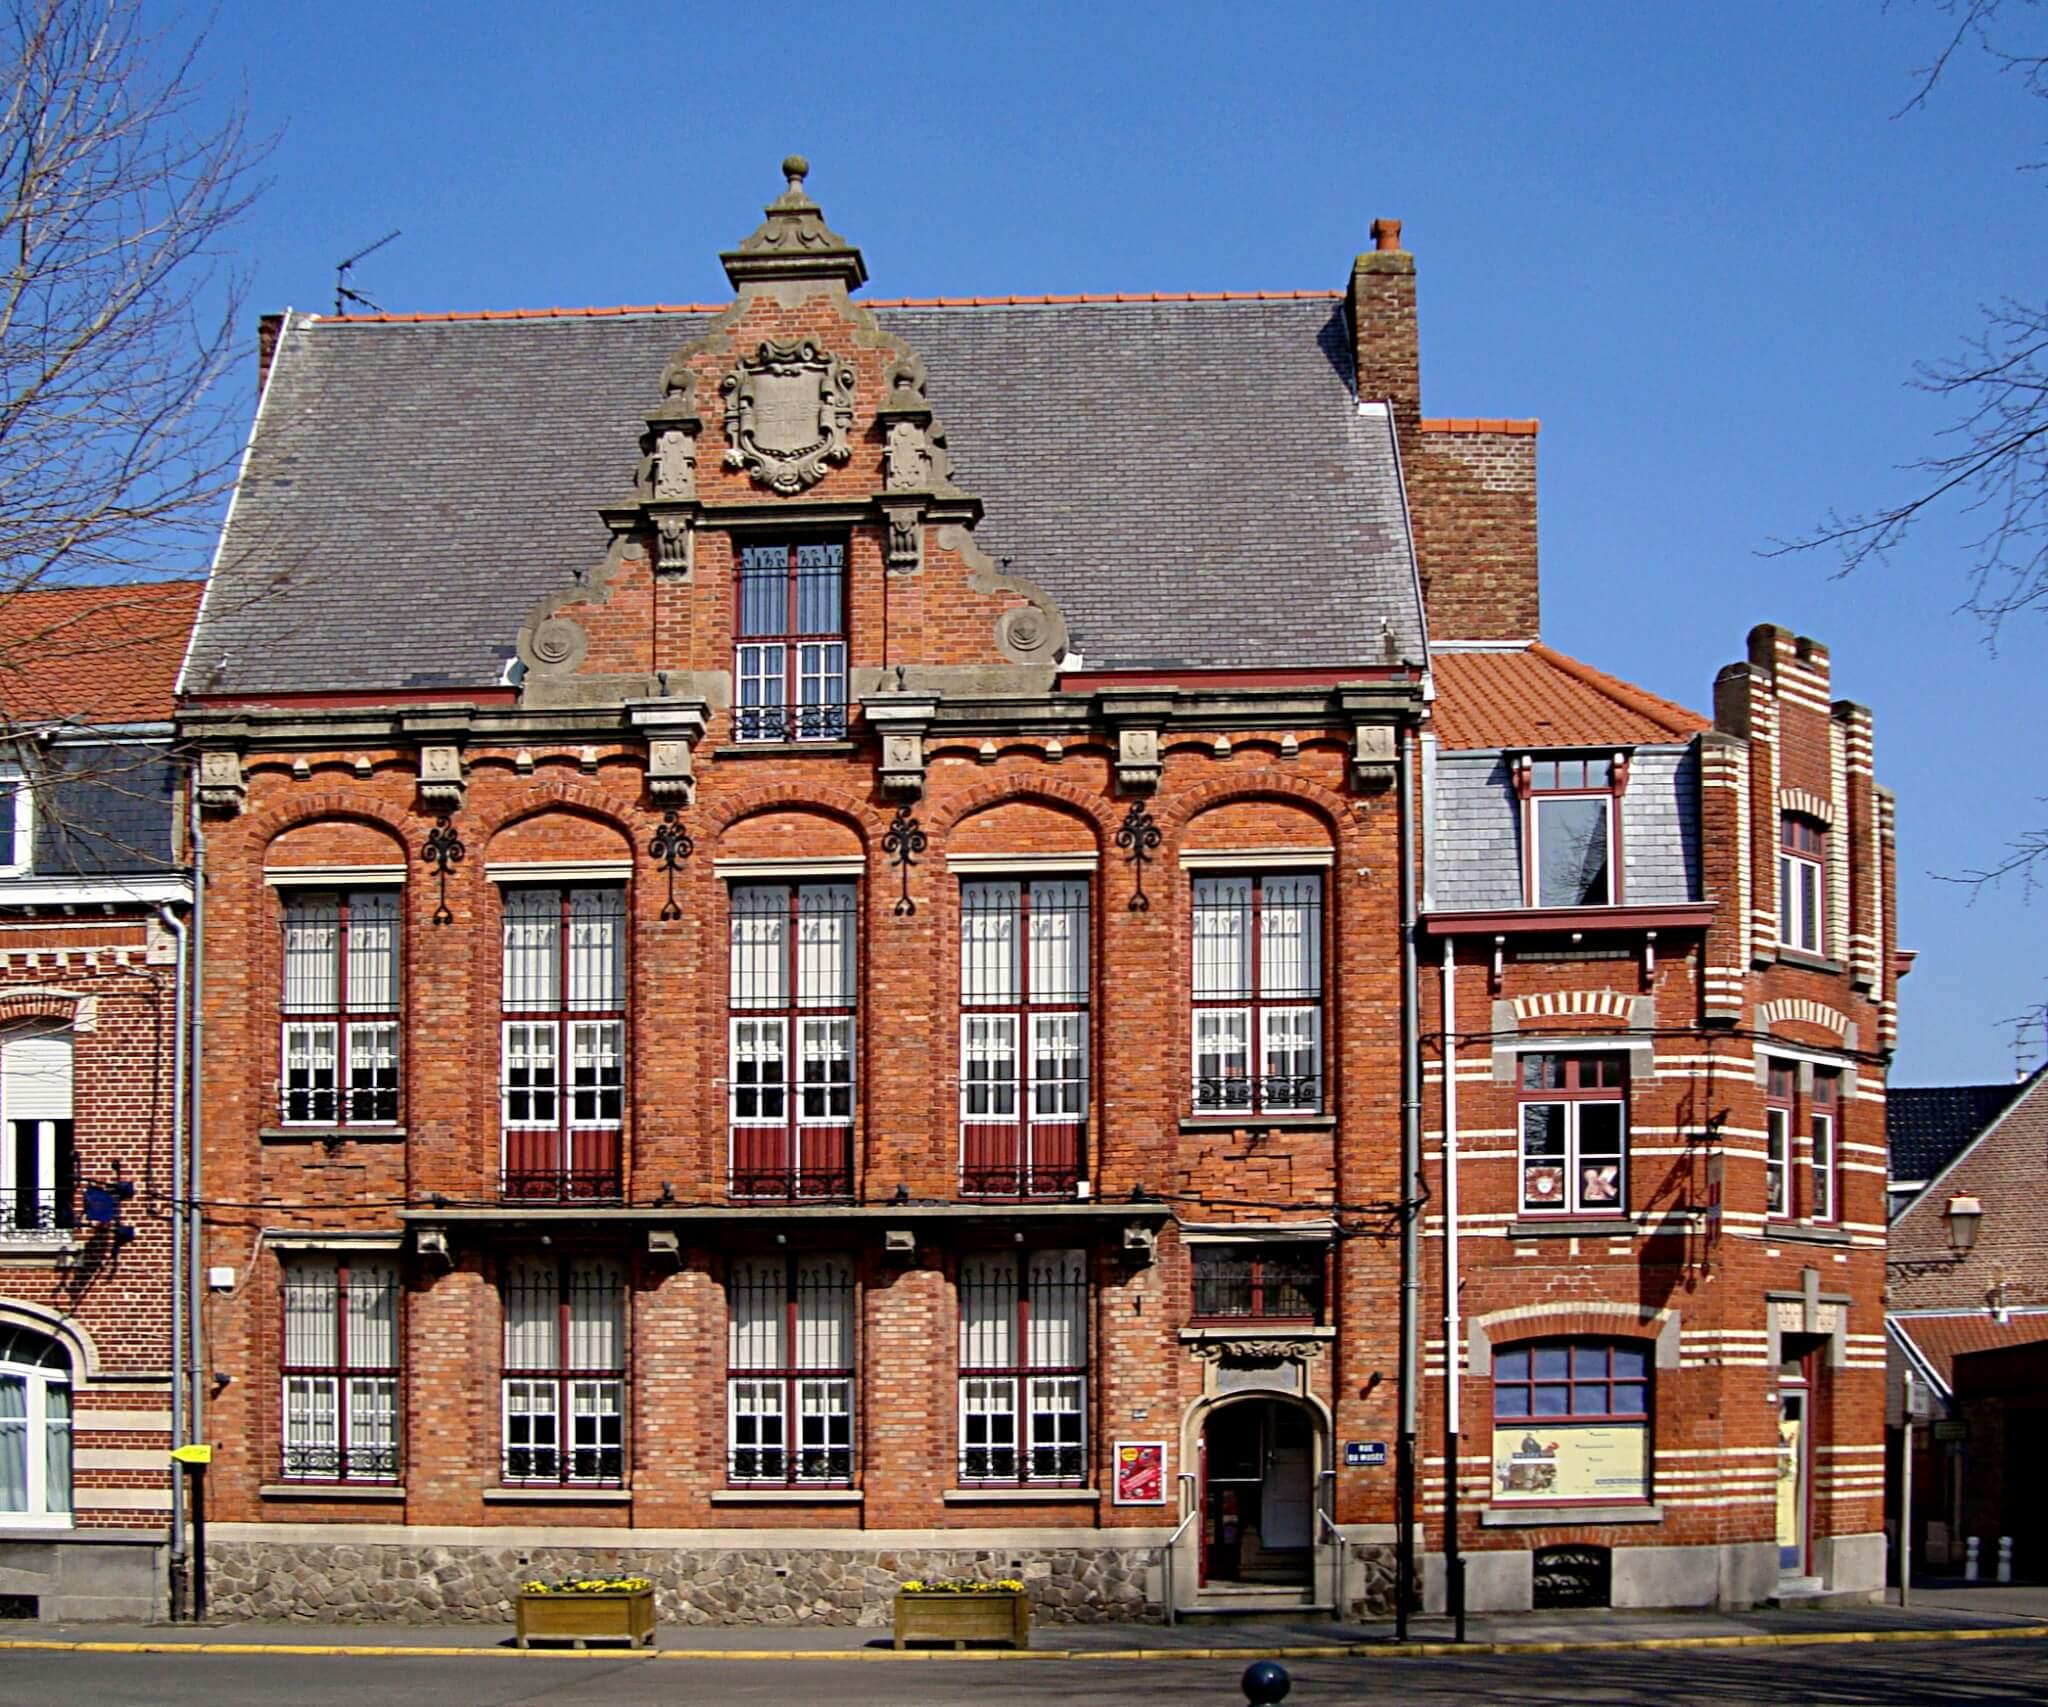 Exterior Musée Benoît-De-Puydt